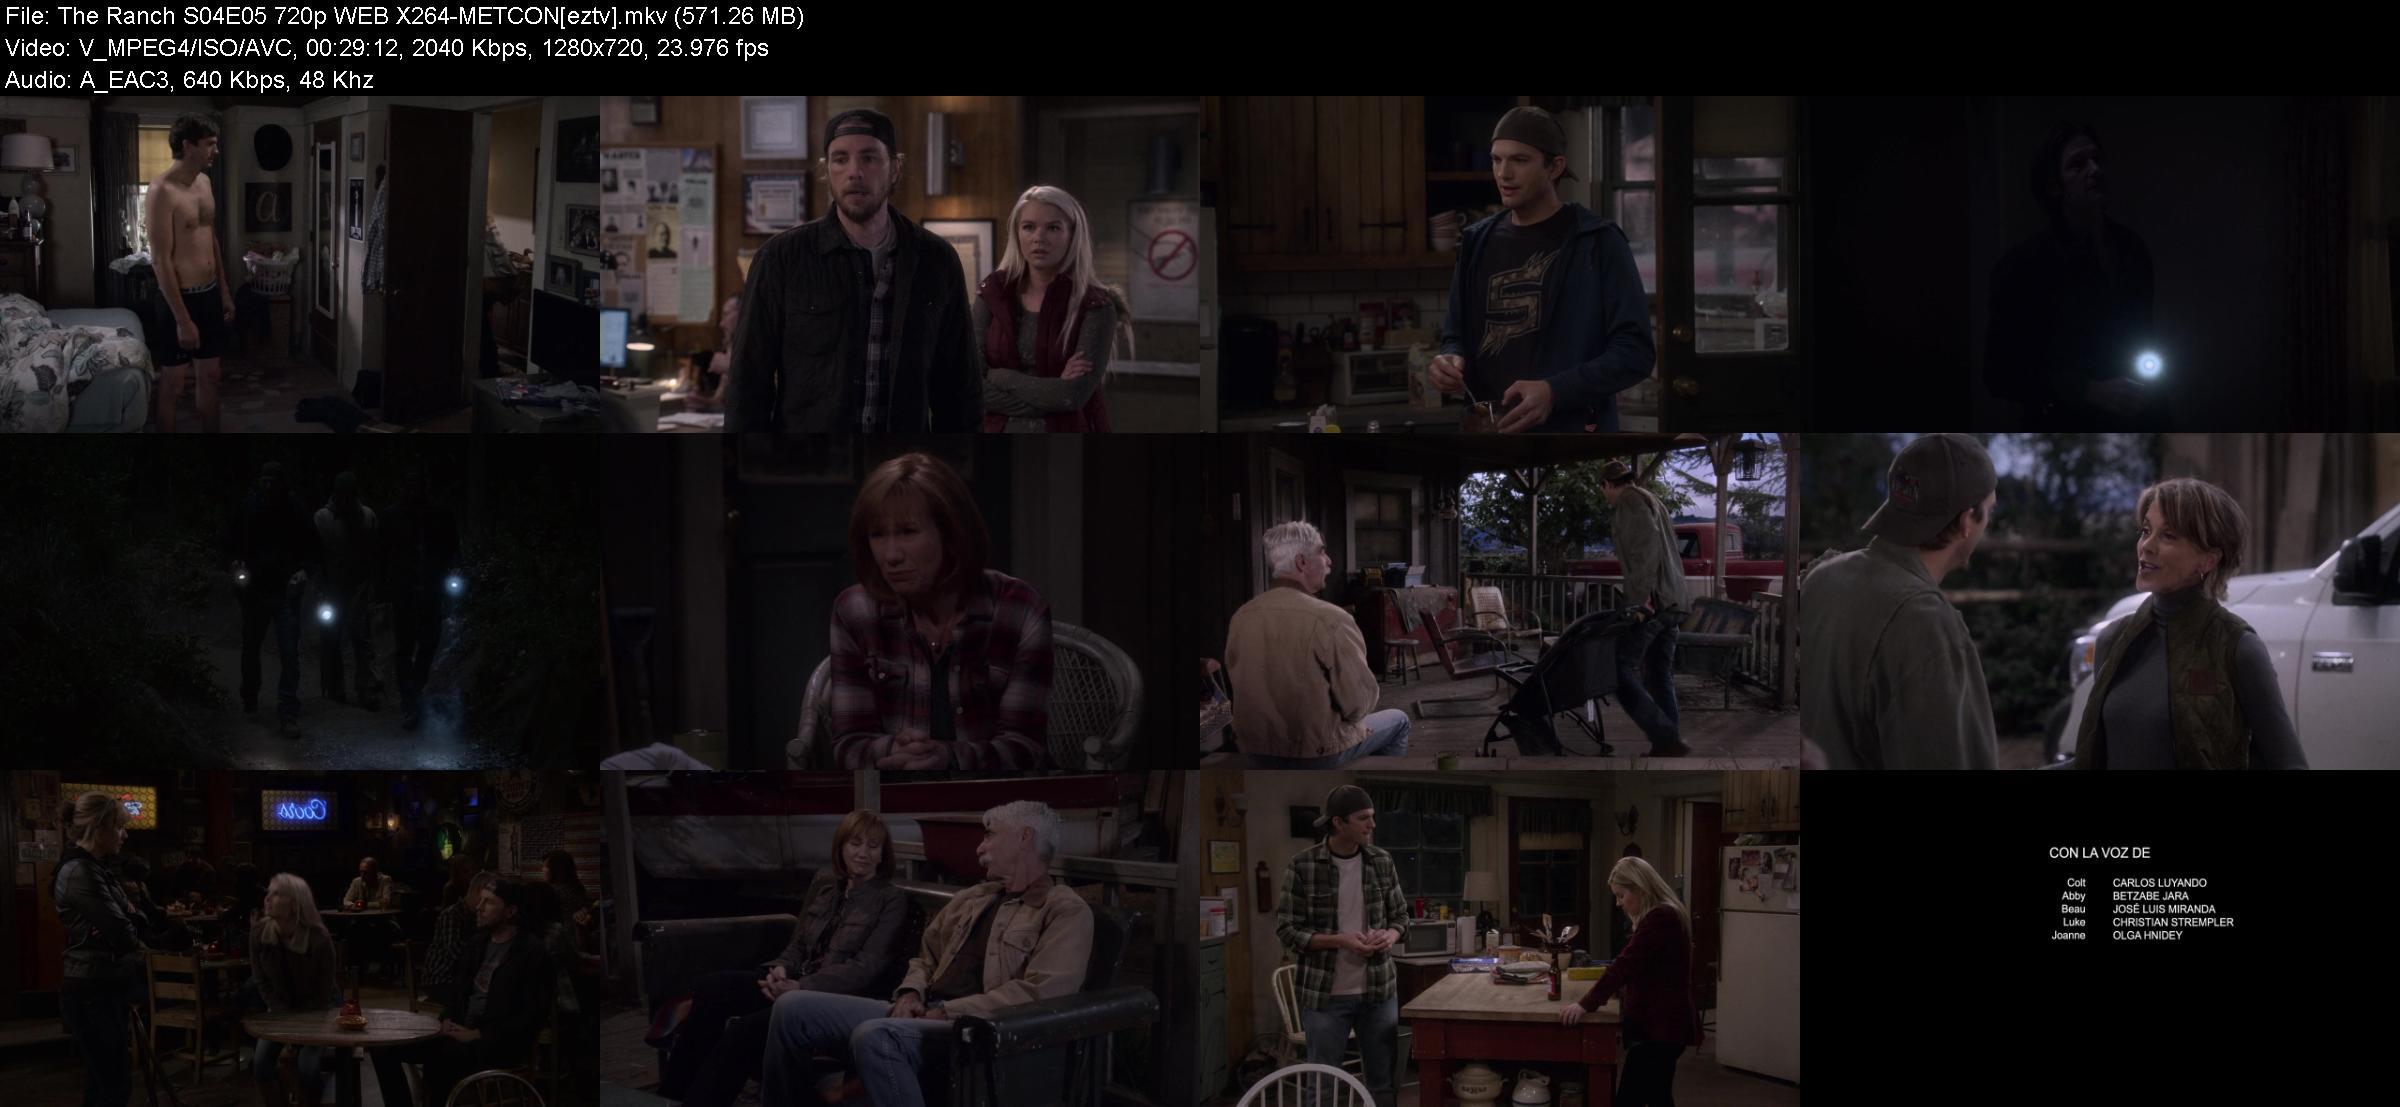 The Ranch S04E05 720p WEB X264-METCON